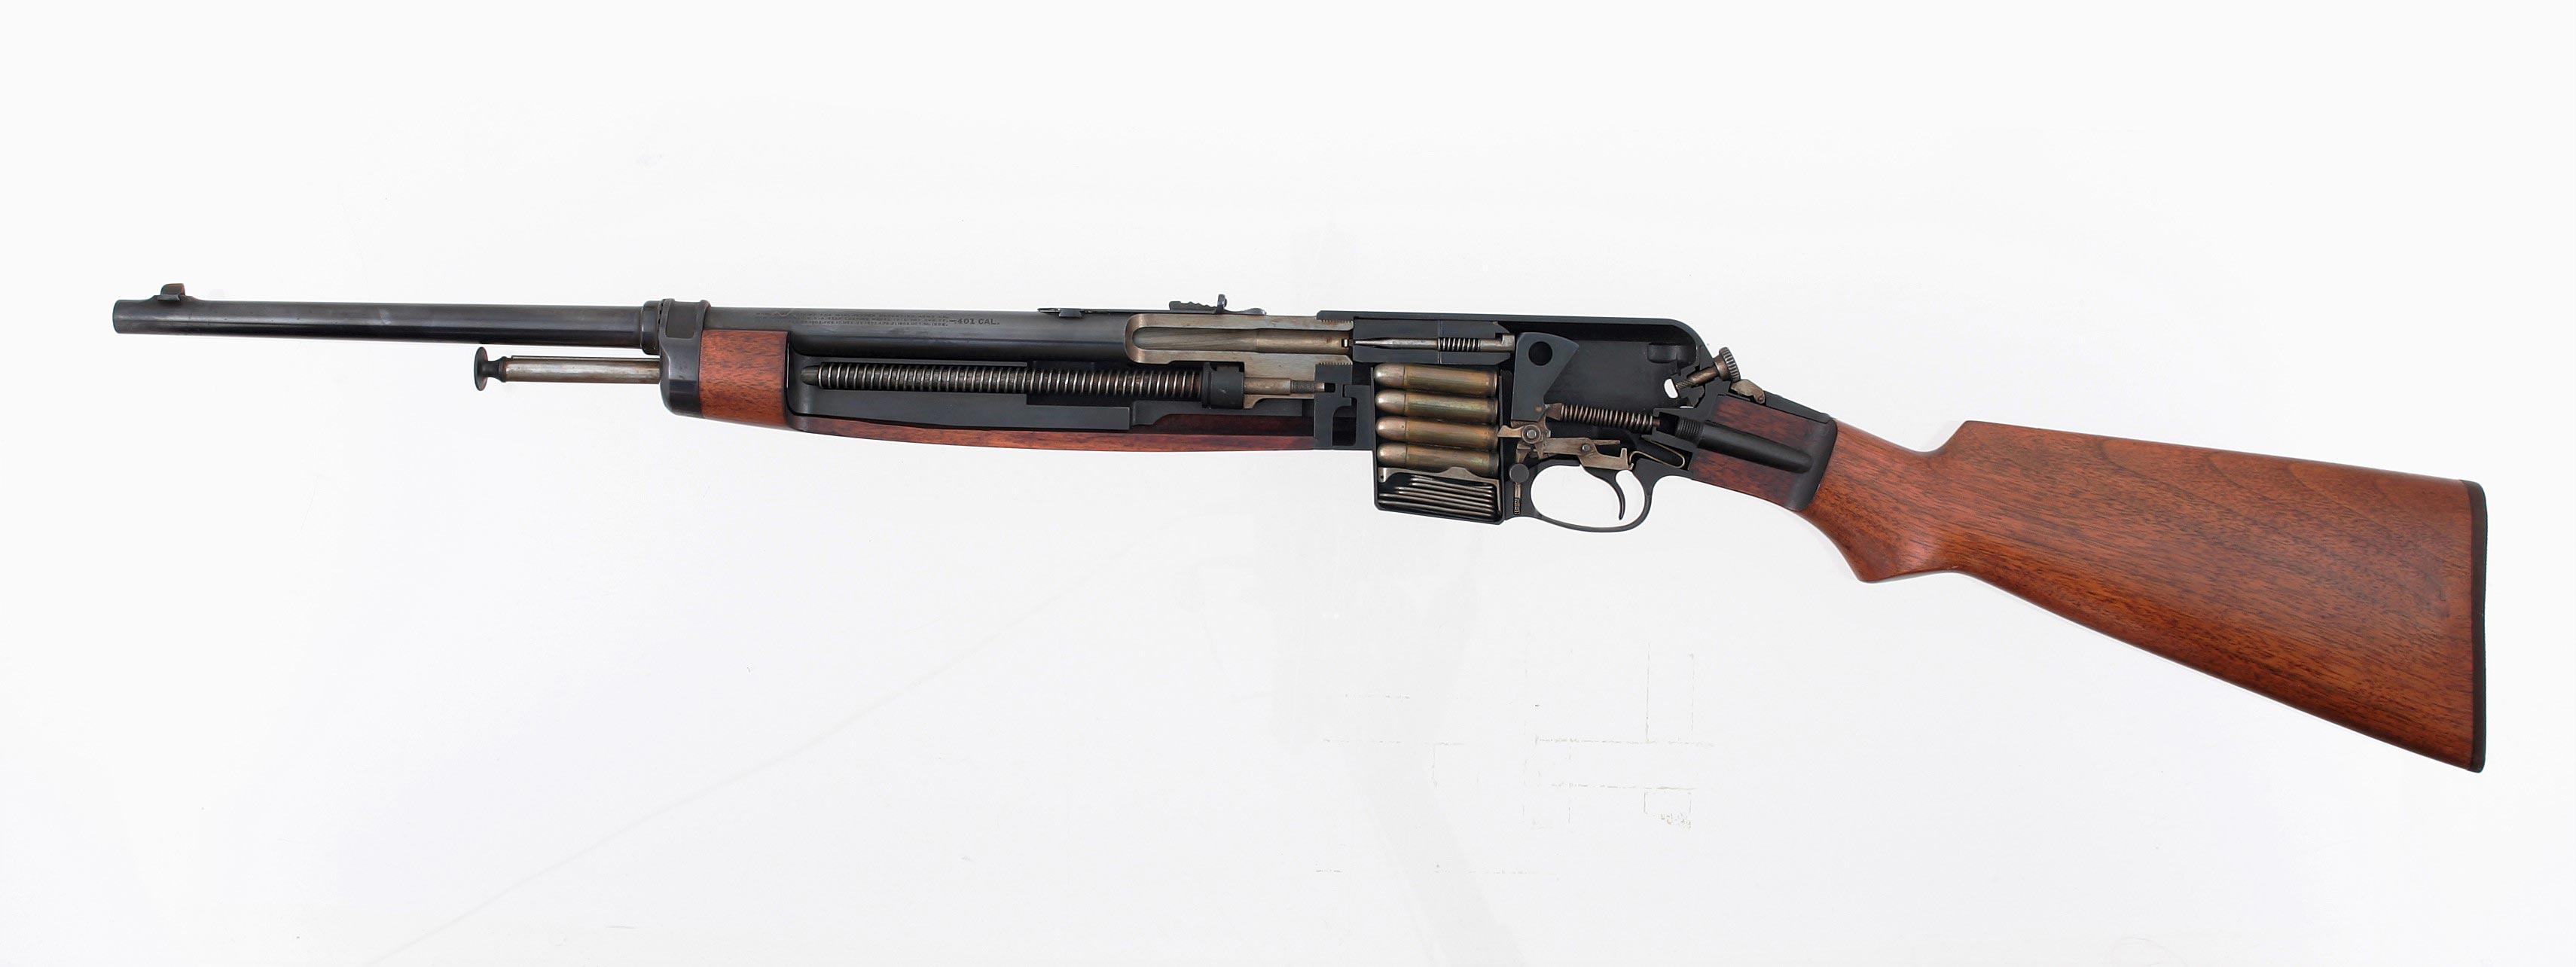 Winchester Model 1910 cutaway